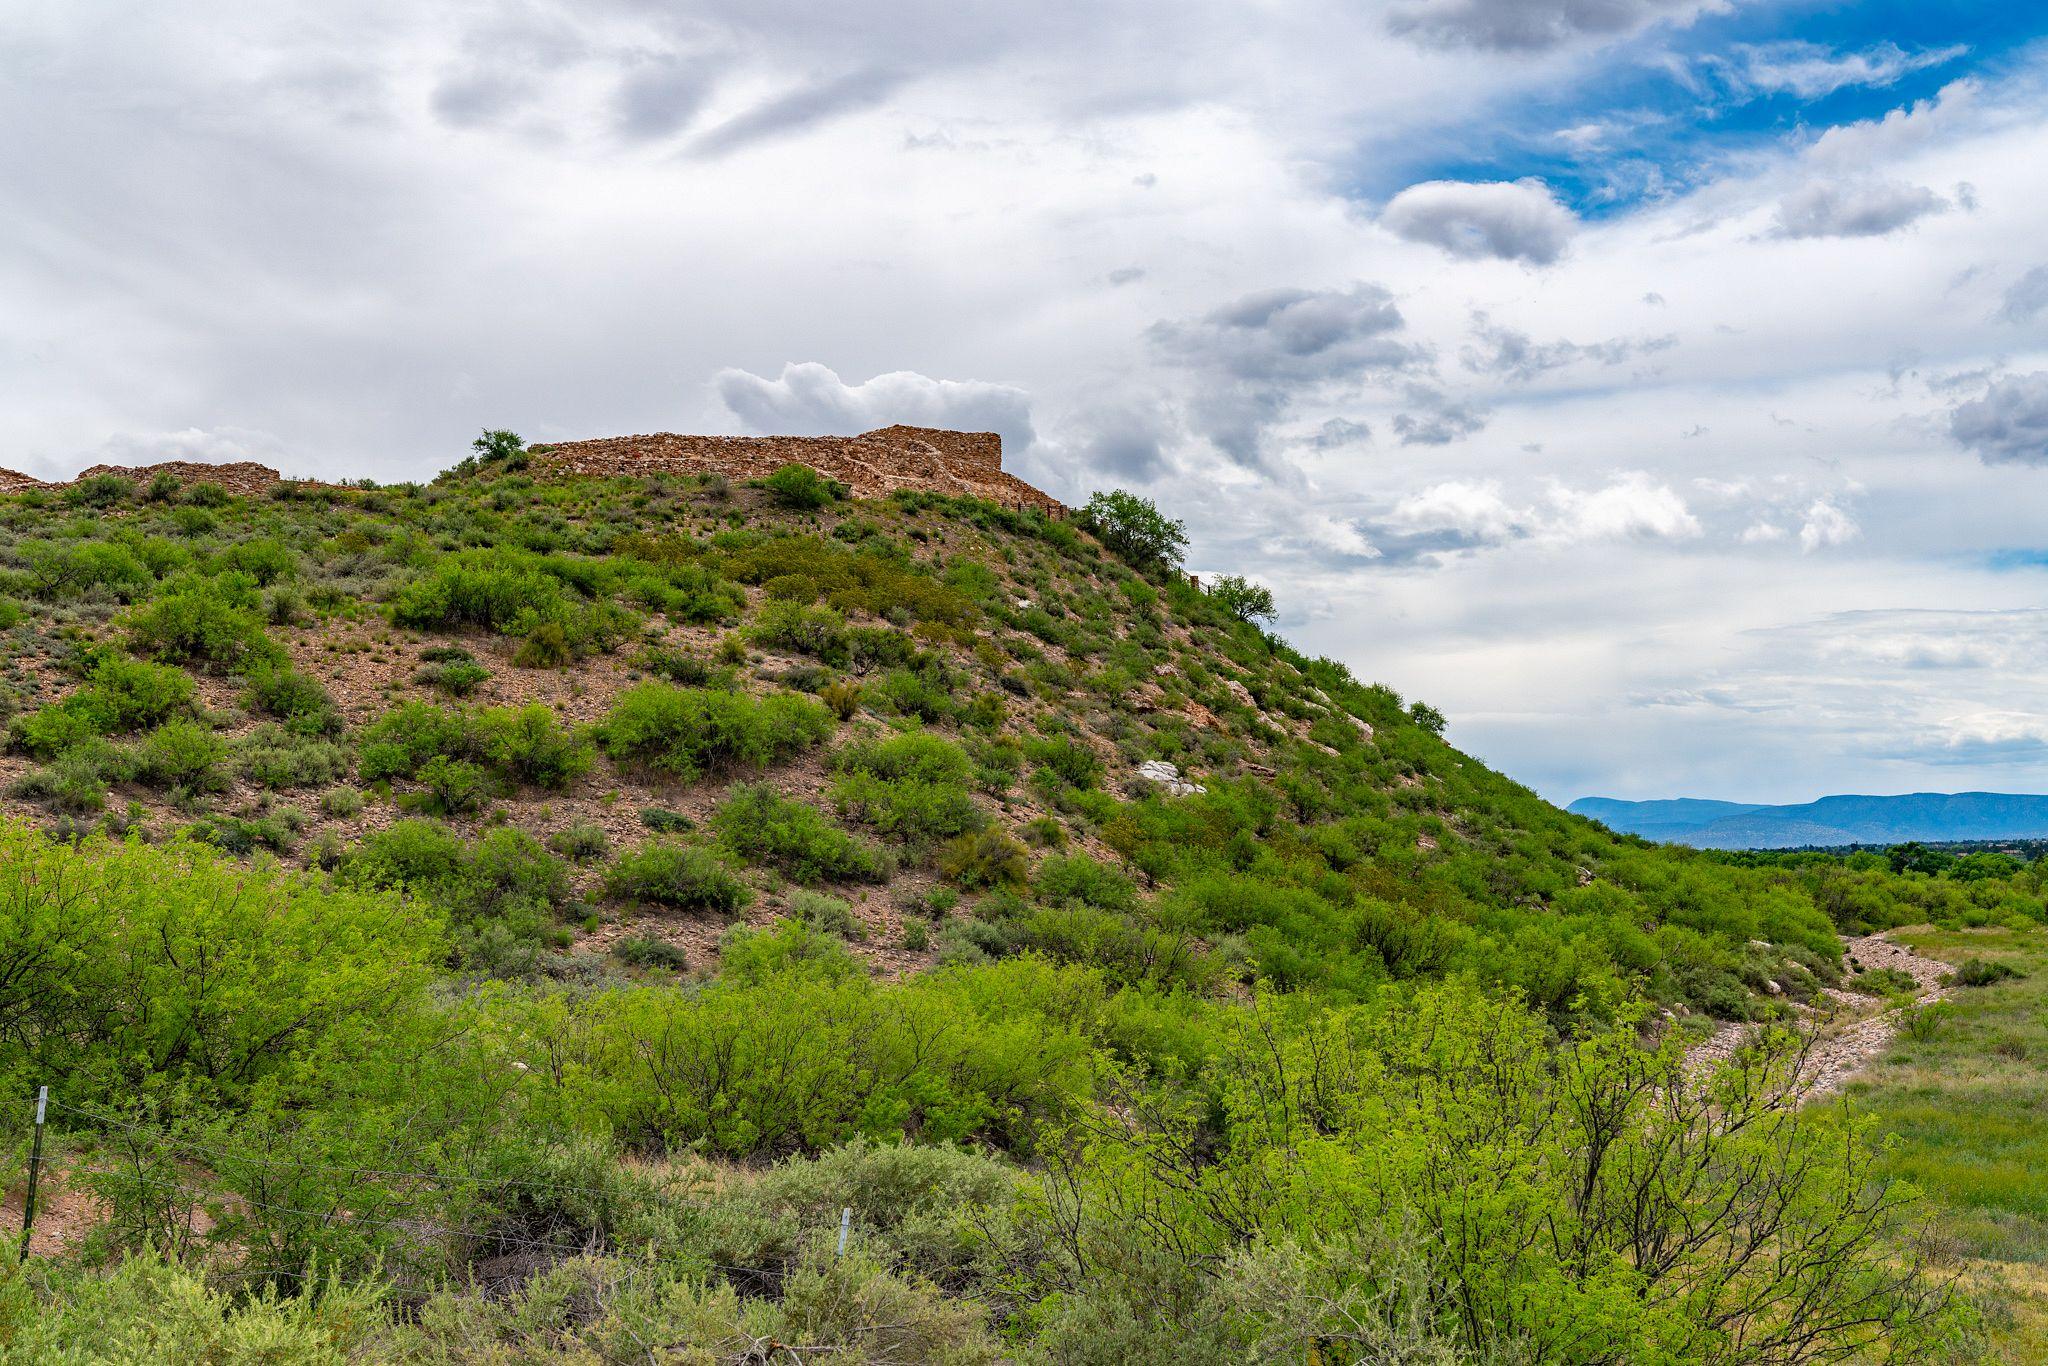 Tuzigoot Ridge